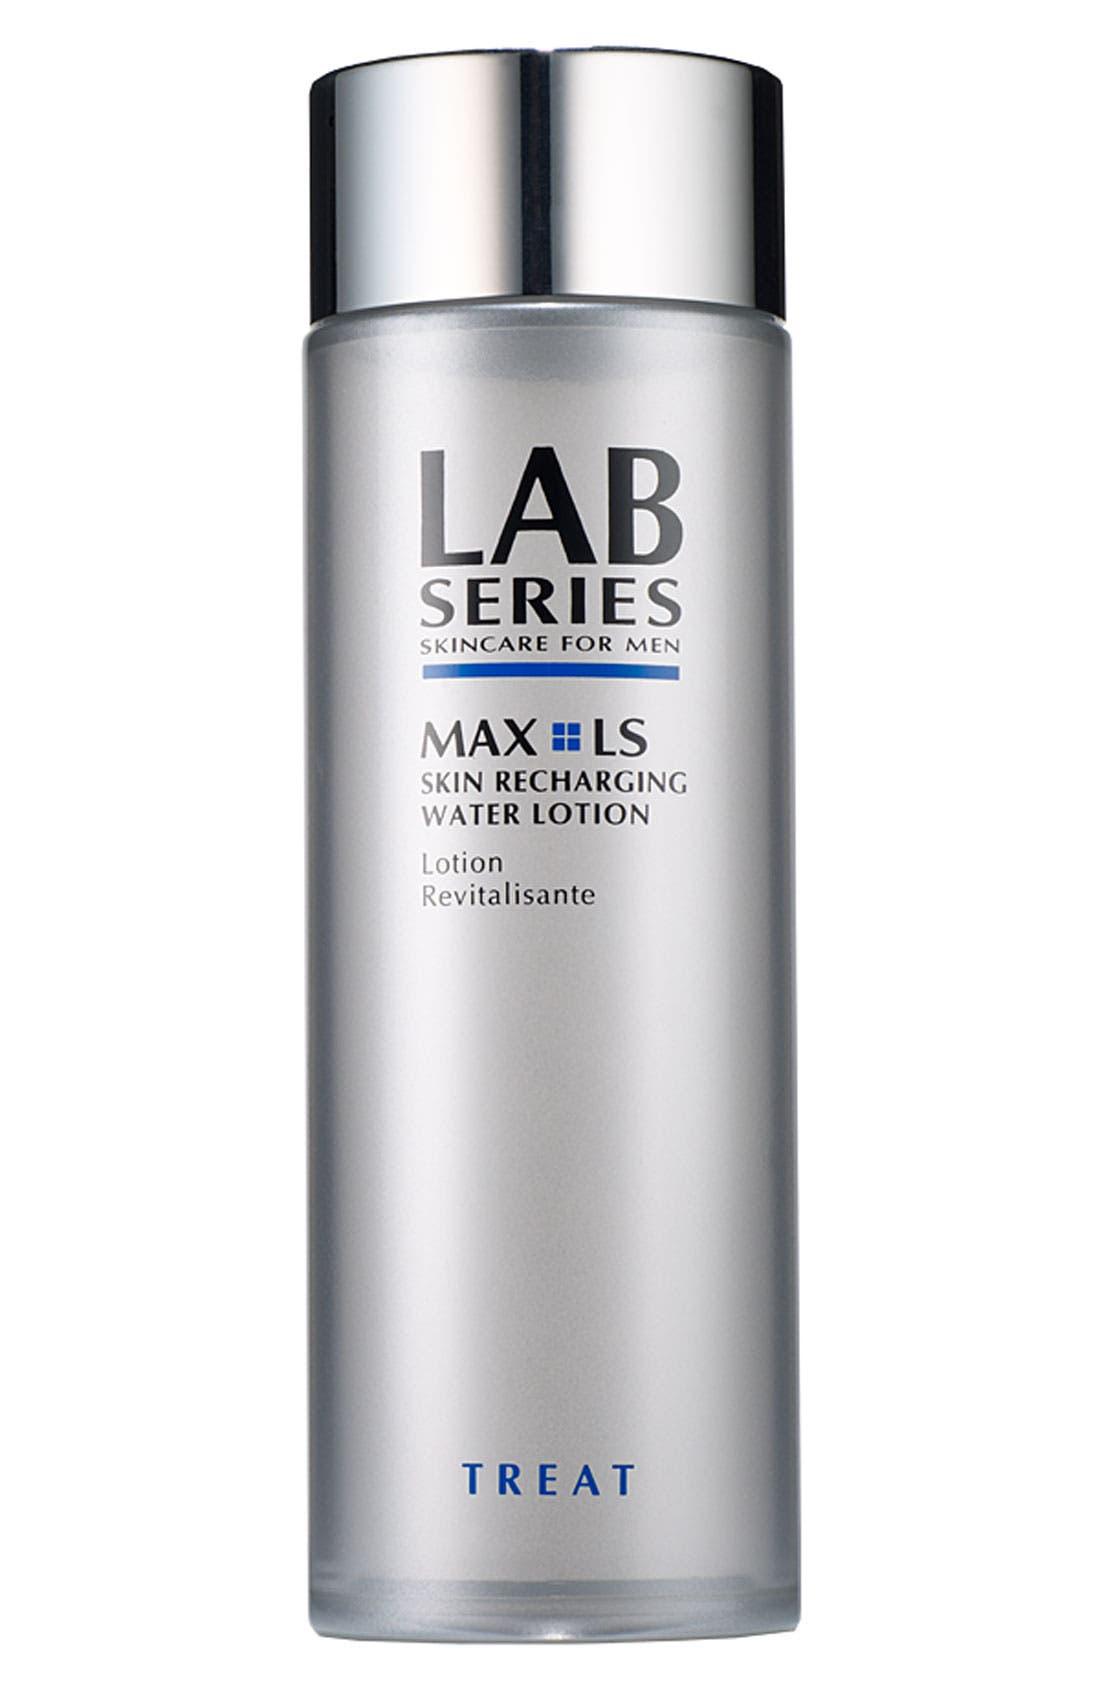 MAX LS Skin Recharging Water Lotion,                             Main thumbnail 1, color,                             NO COLOR